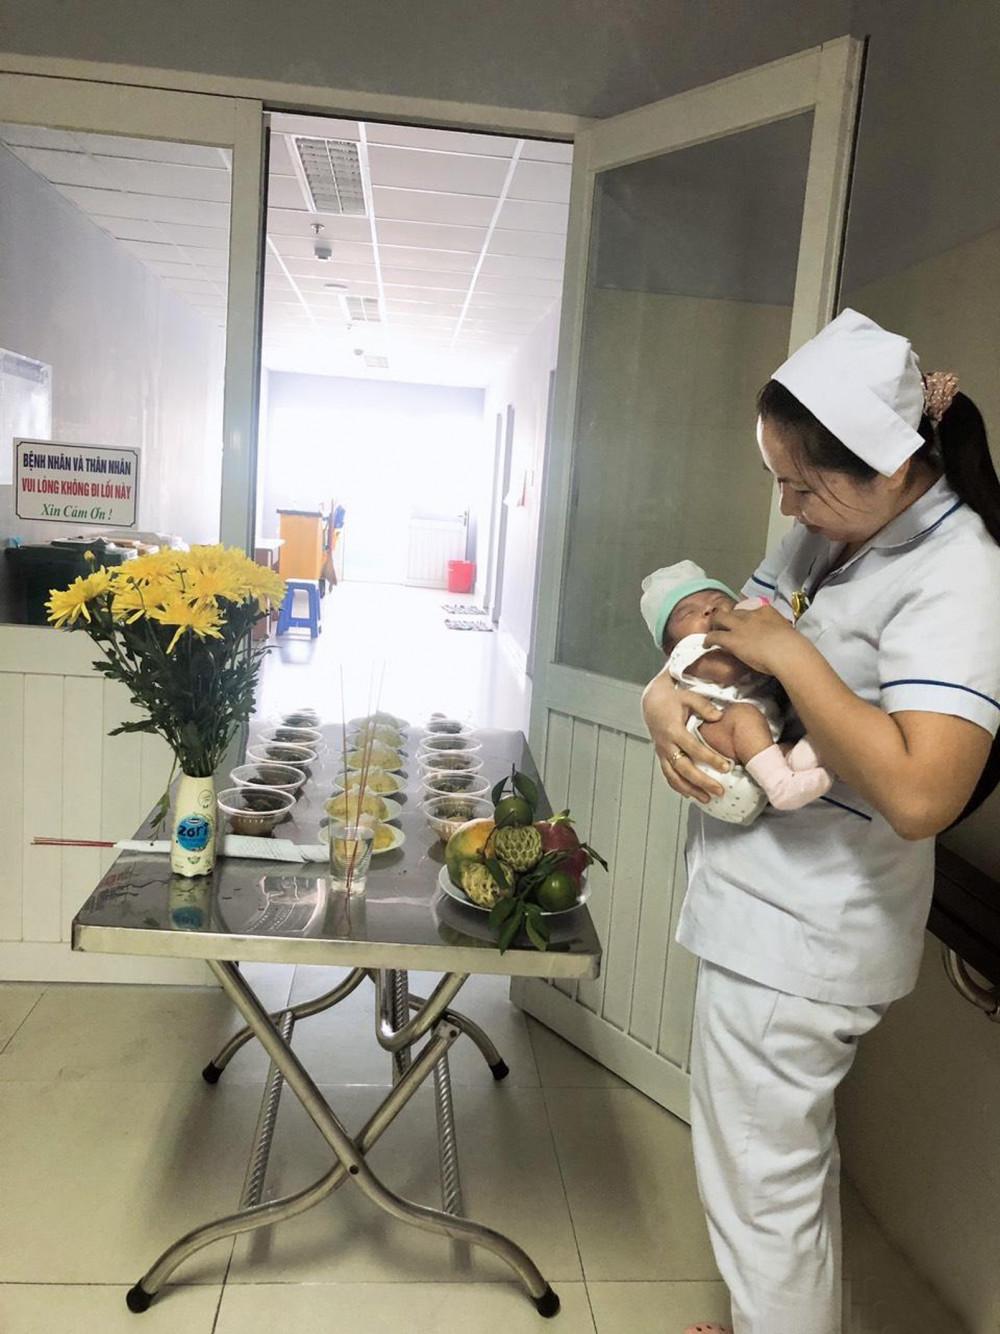 Không chỉ luân phiên trực ca, các nữ hộ sinh, bác sĩ, điều dưỡng còn luân phiên chăm đứa con chung, mỗi khi bệnh viện có một em bé bị bỏ lại